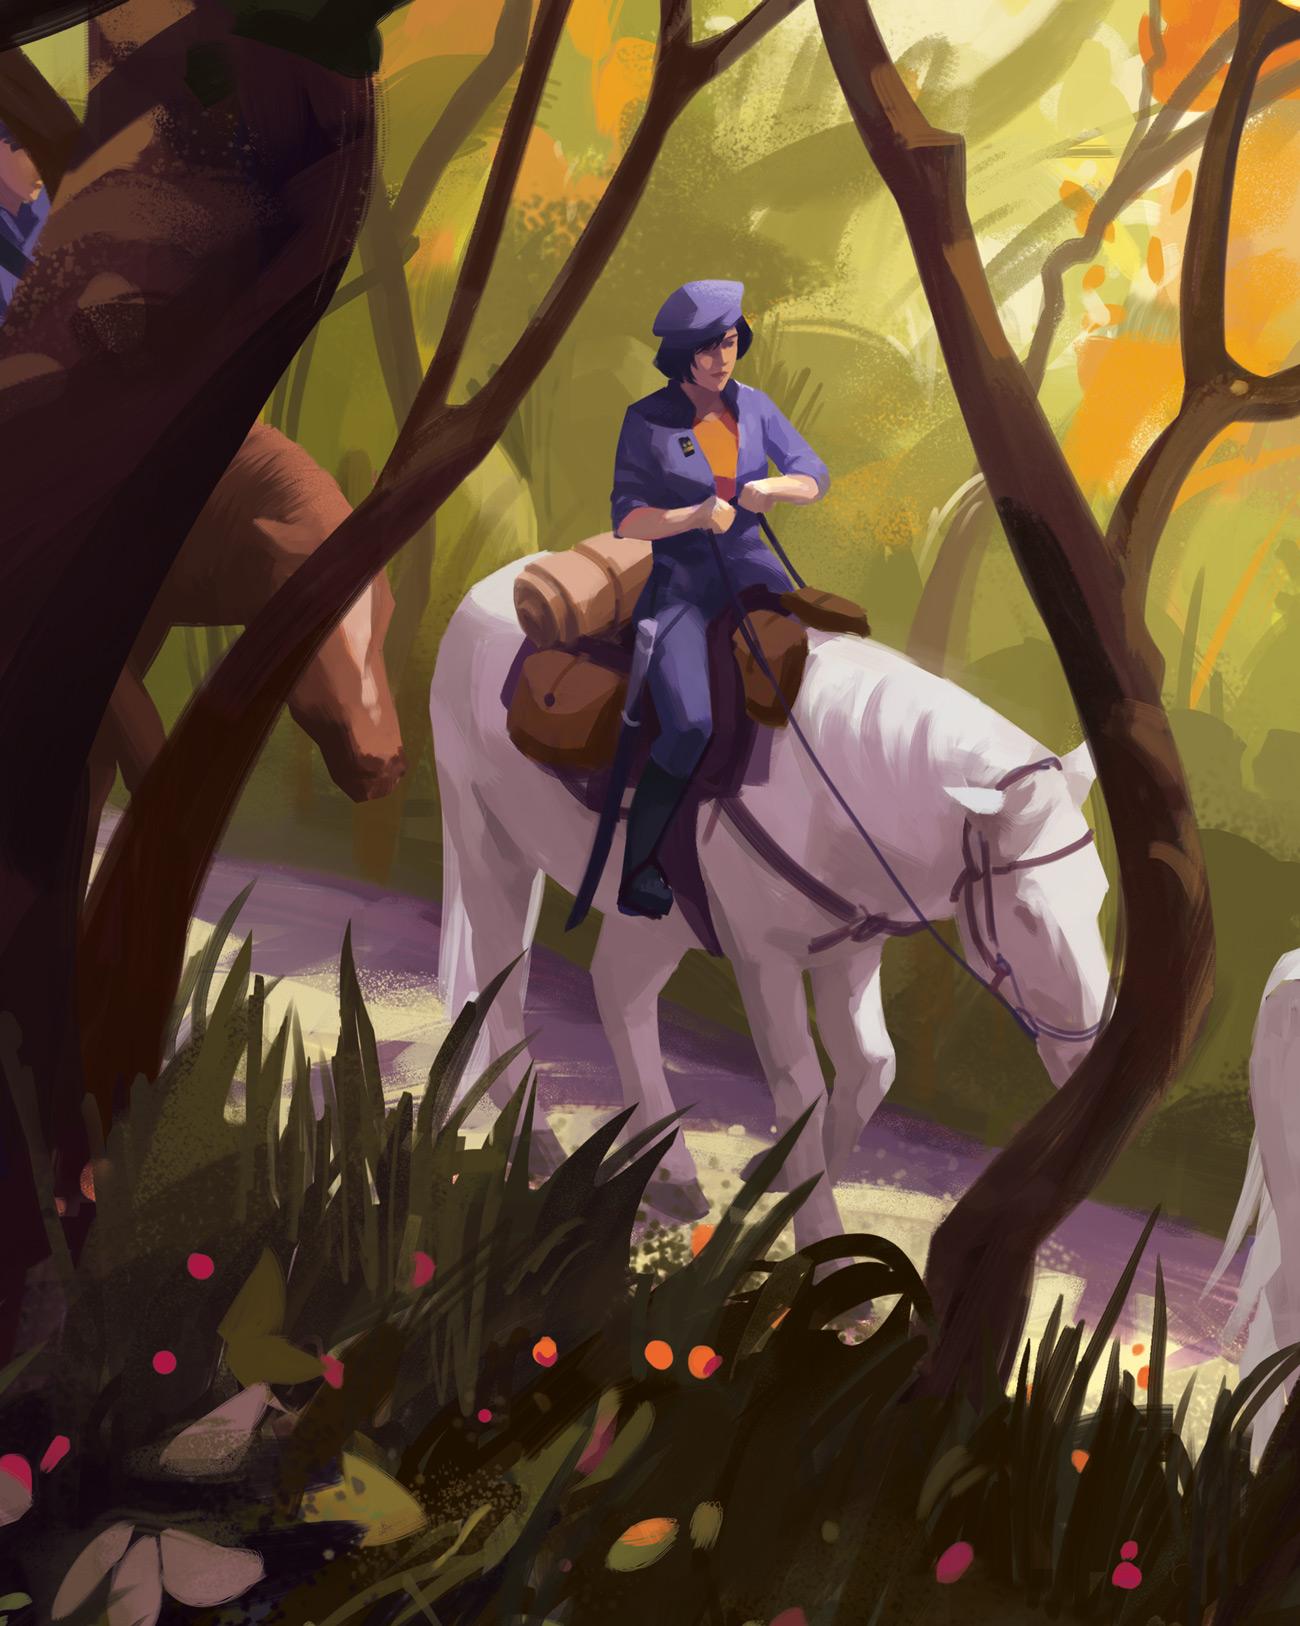 Illustration de Sandrine Pilloud | To kamikochi, détail 2 | Livre Kanako Sawada écrit par Lionel Tardy